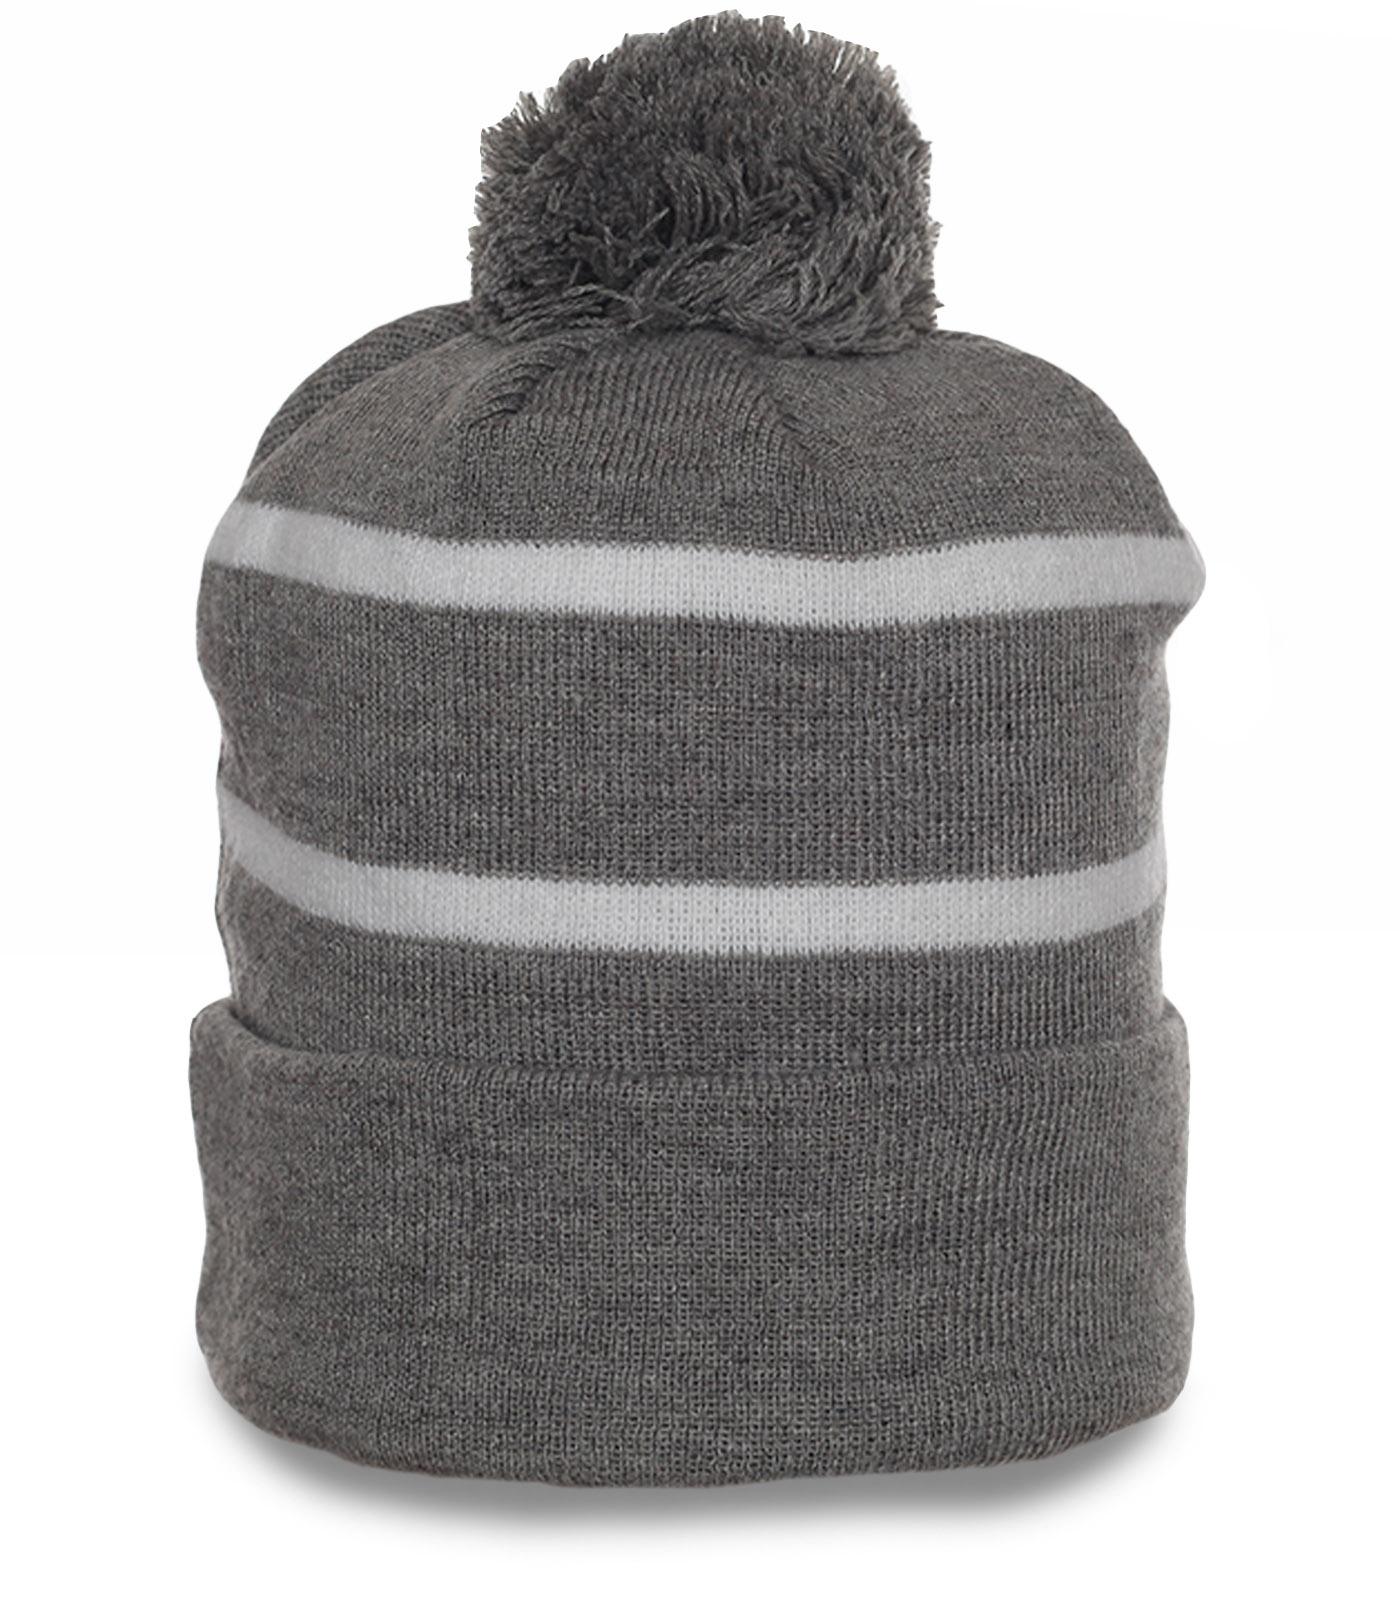 Универсальная шапка на флисе. Уютная модель для капризной погоды